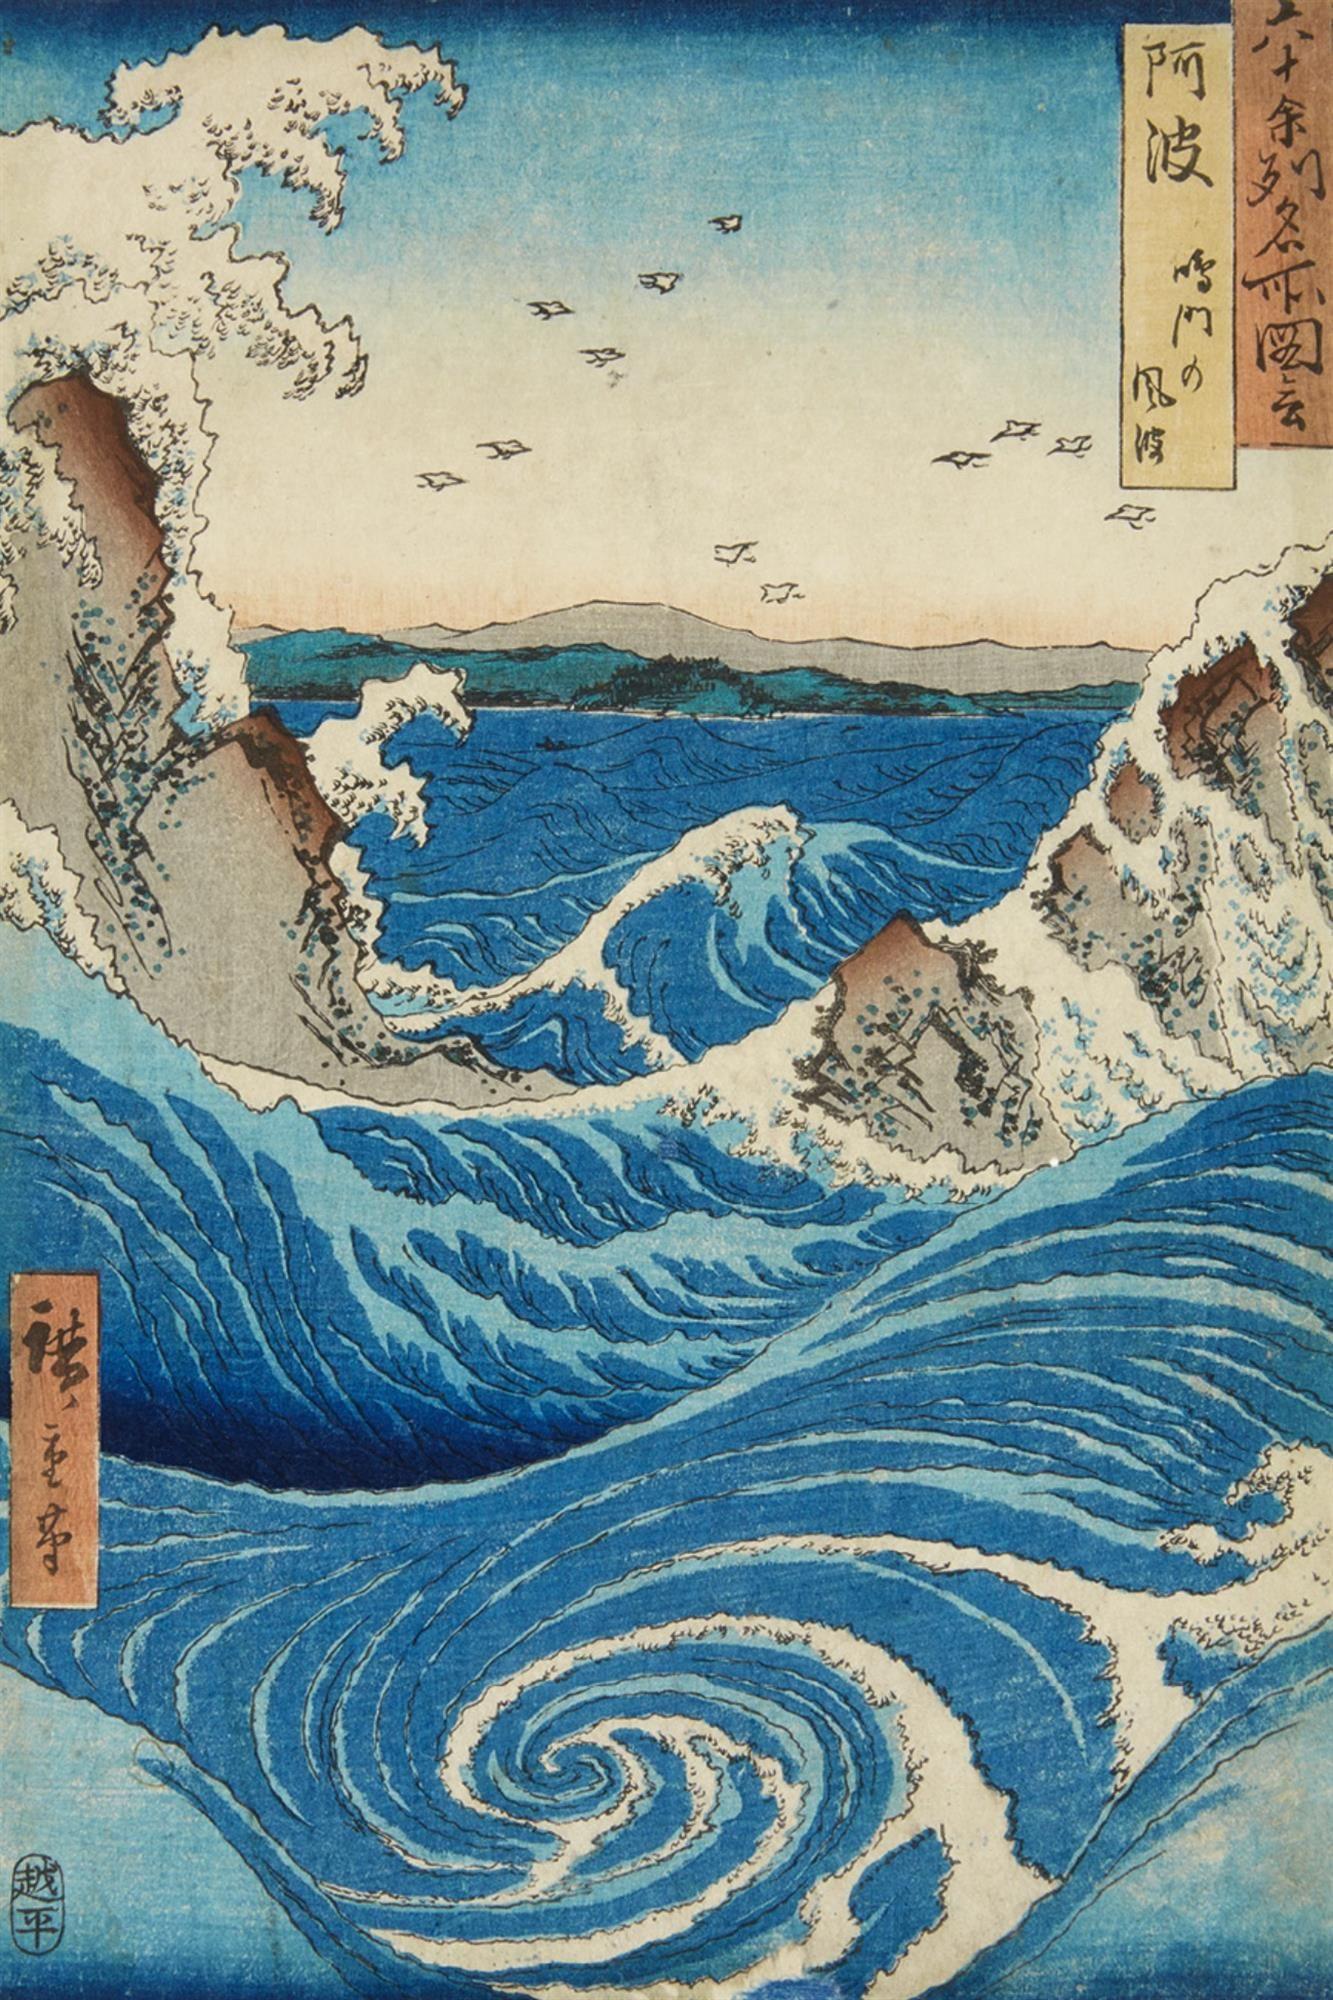 Afficher L Image D Origine Peinture Japonaise Art Japonais Et